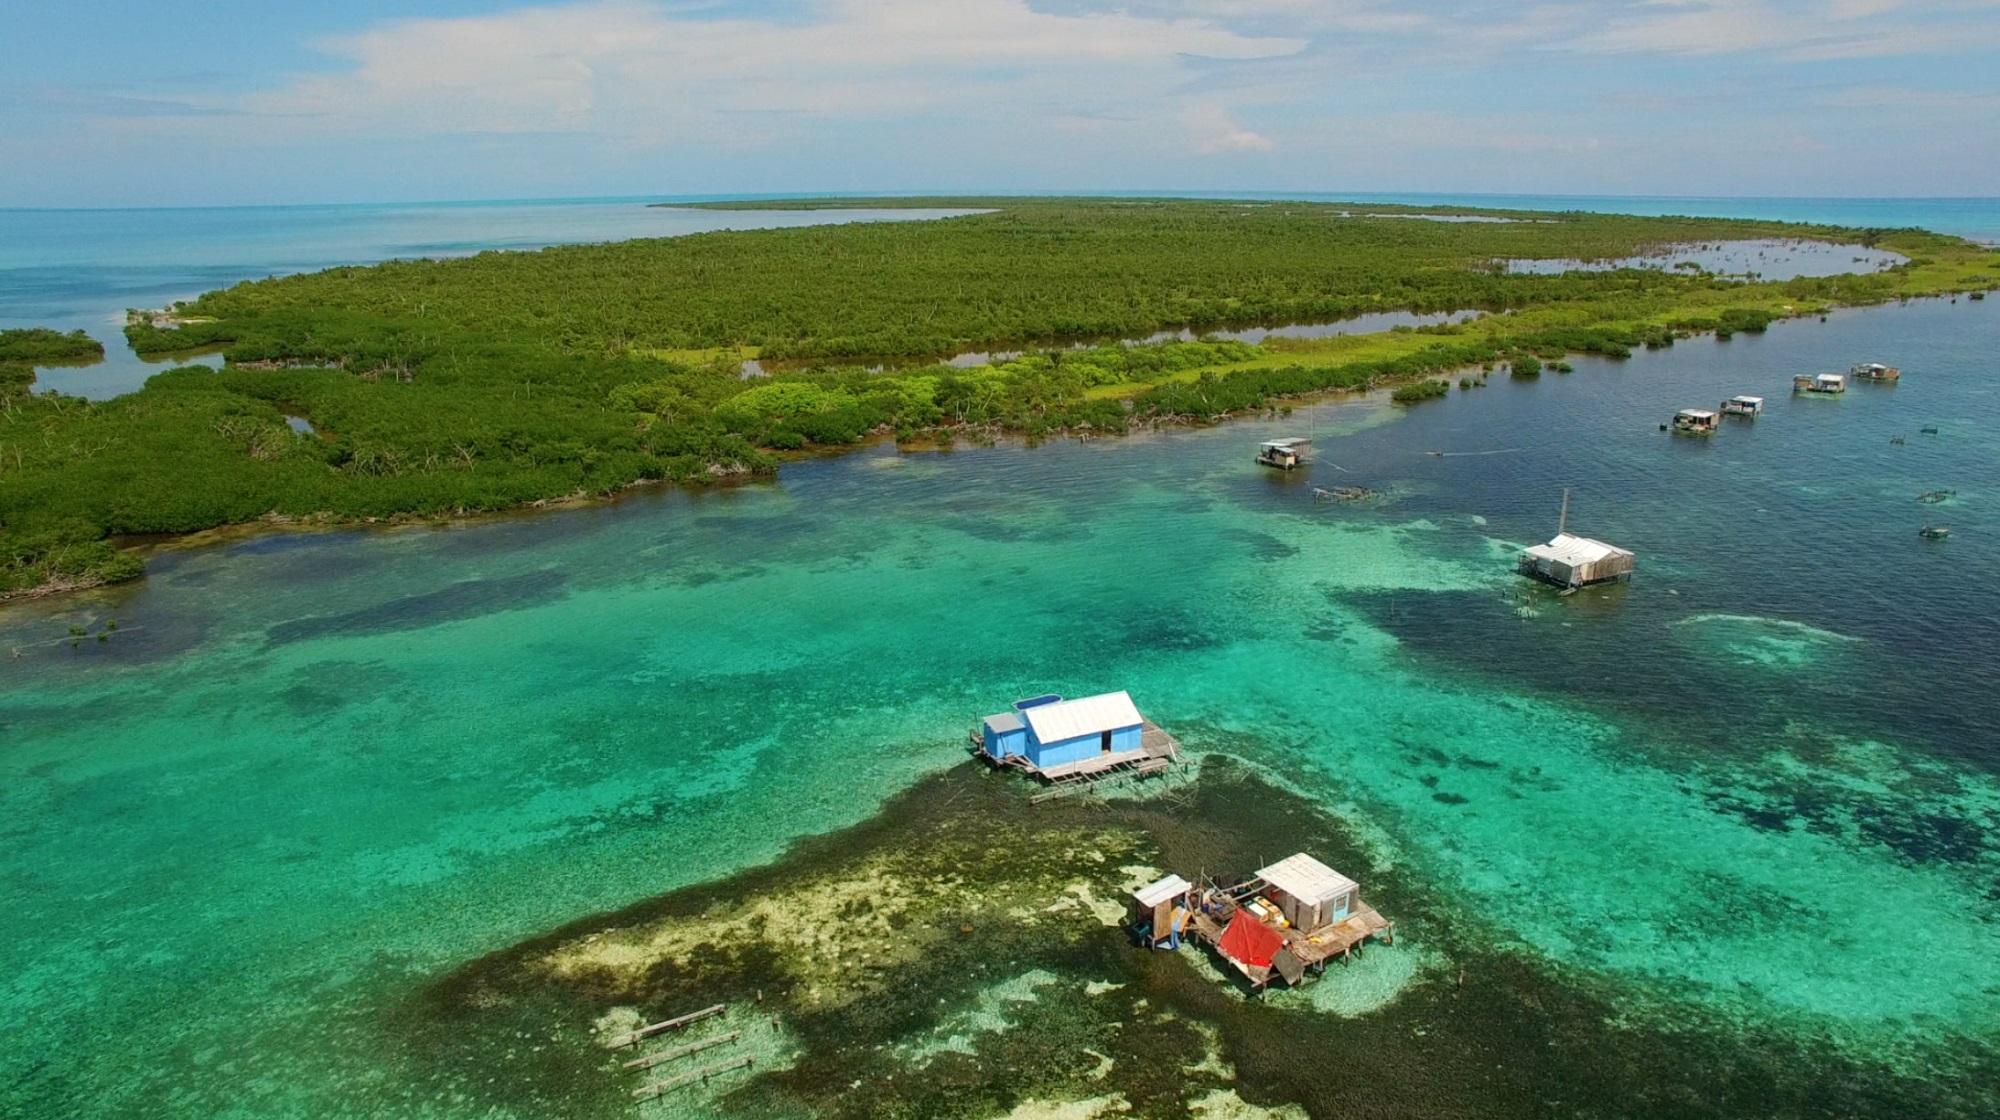 Banco Chinchorro es un lugar de belleza privilegiada y uno de los mejores arrecifes de coral en México.